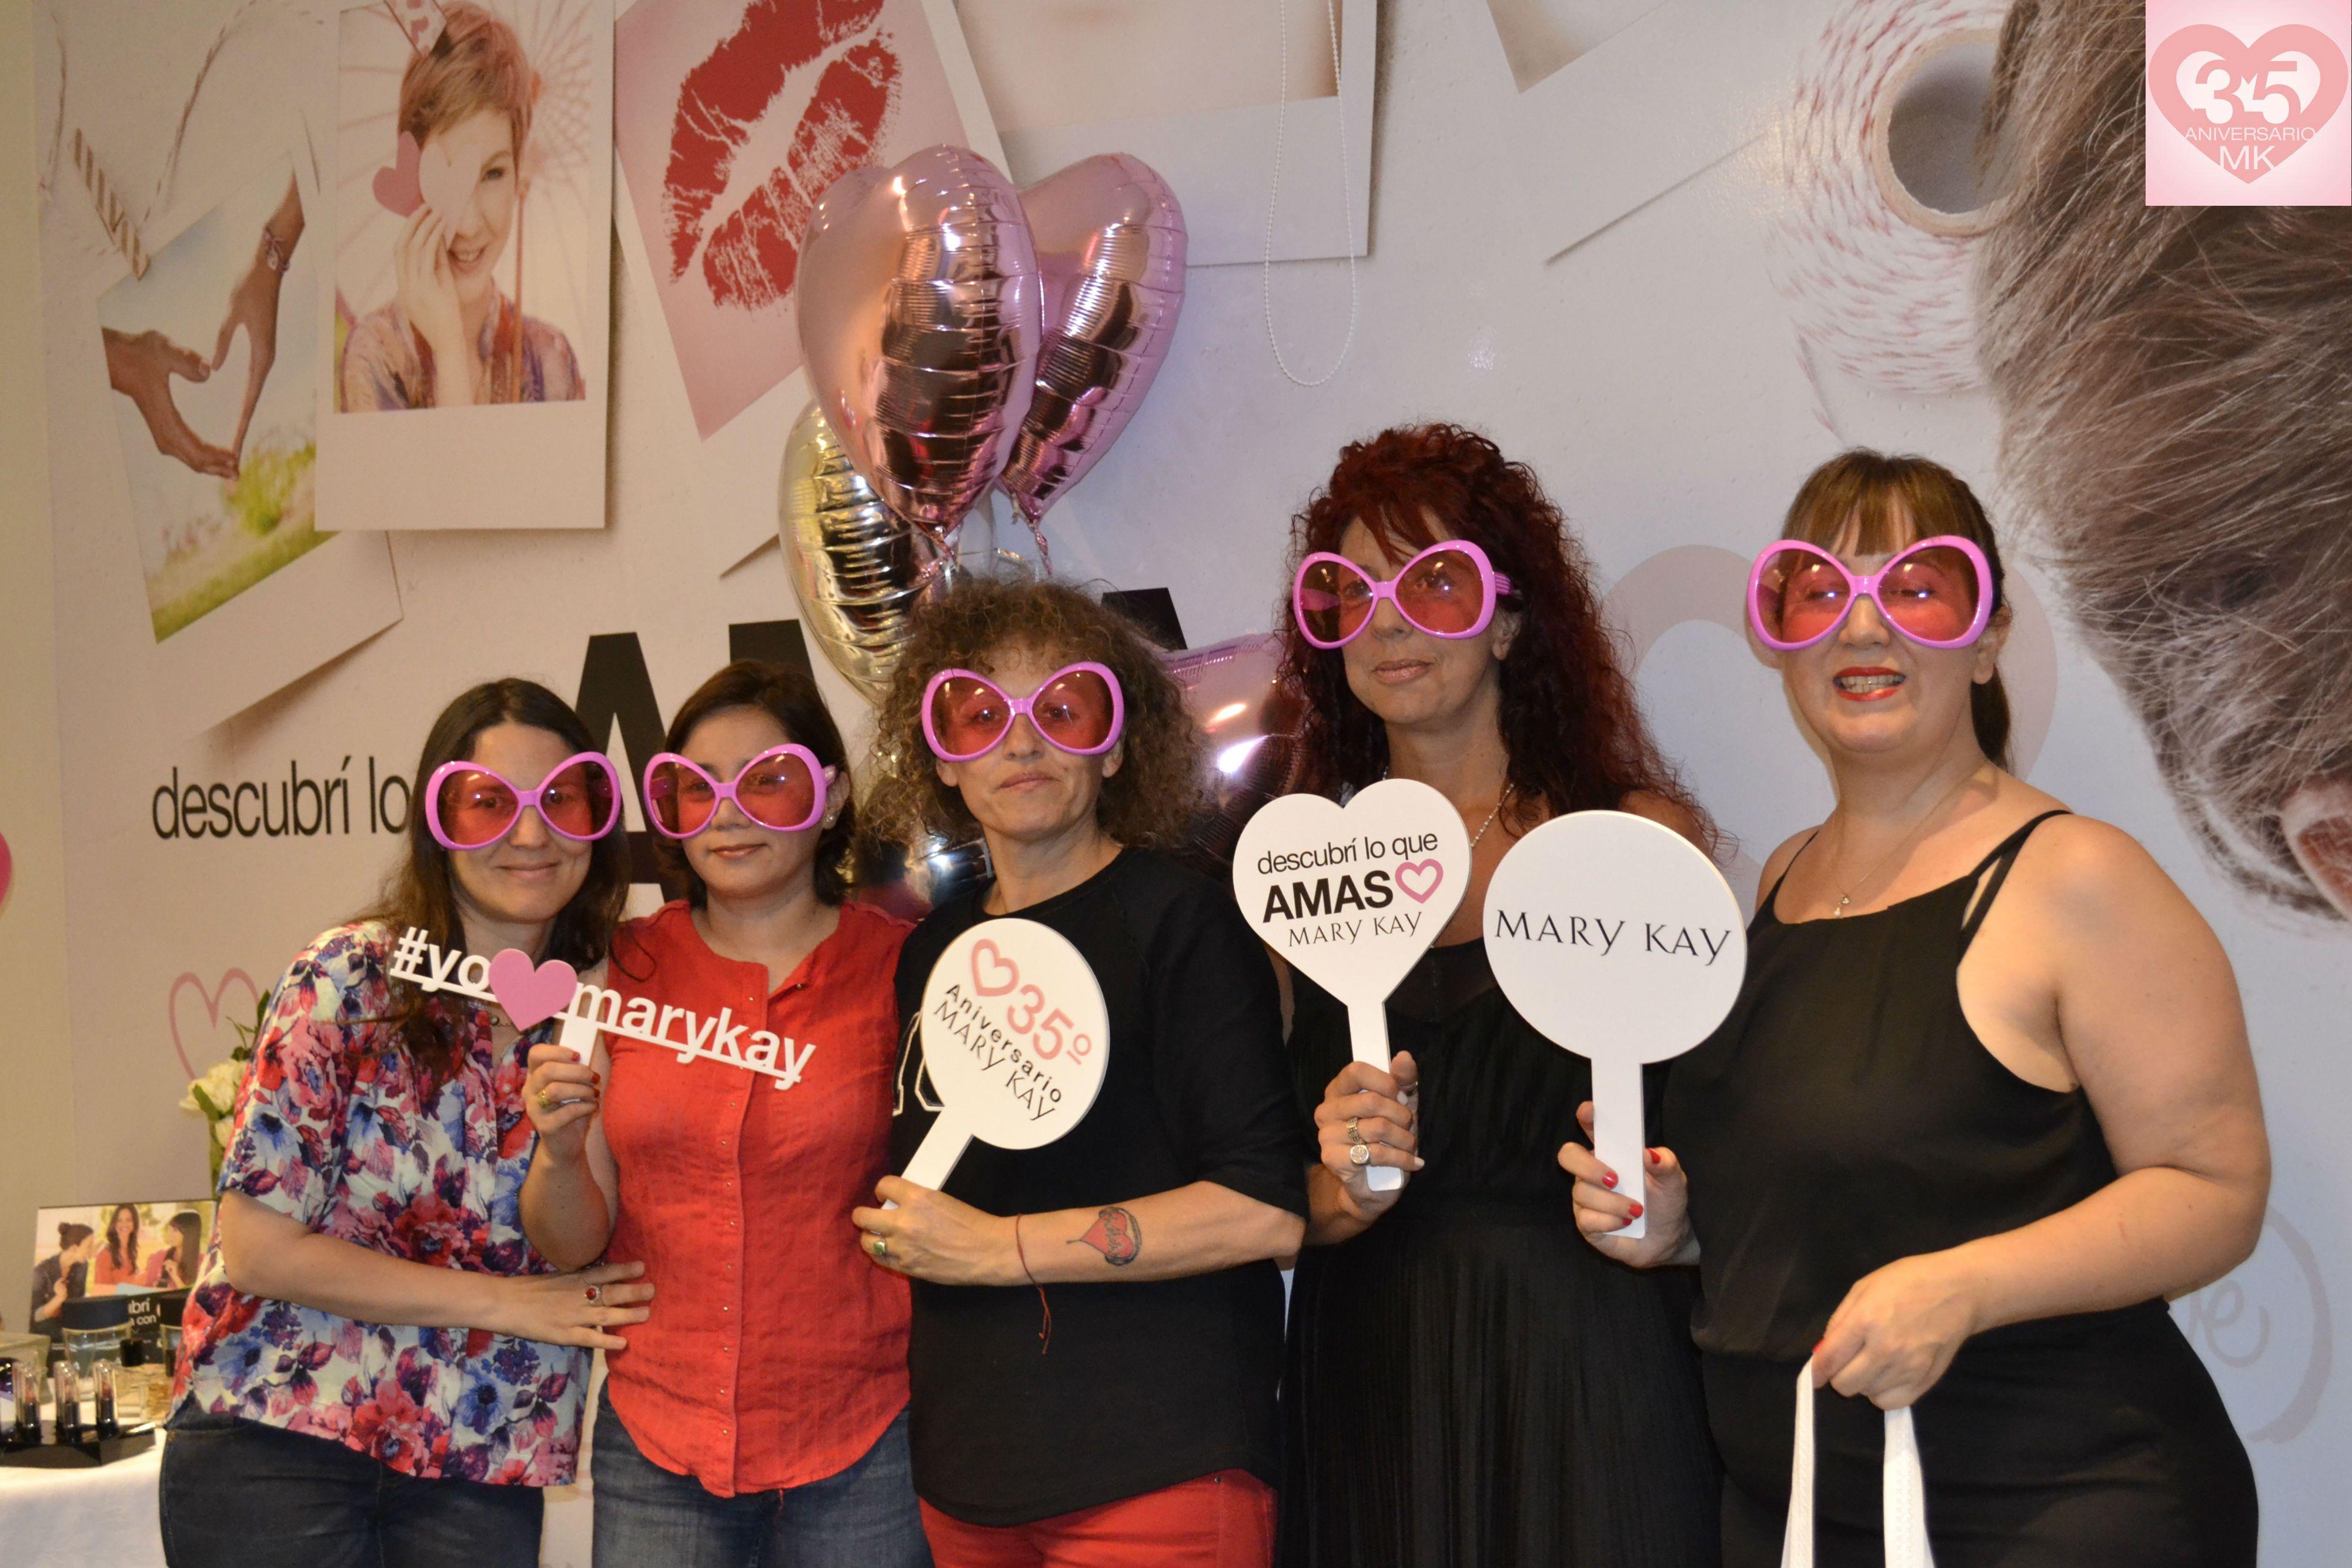 Evento de Prensa  realizado el día 17 de Noviembre, al cual asistieron Bloggeras y Periodistas de moda y belleza.